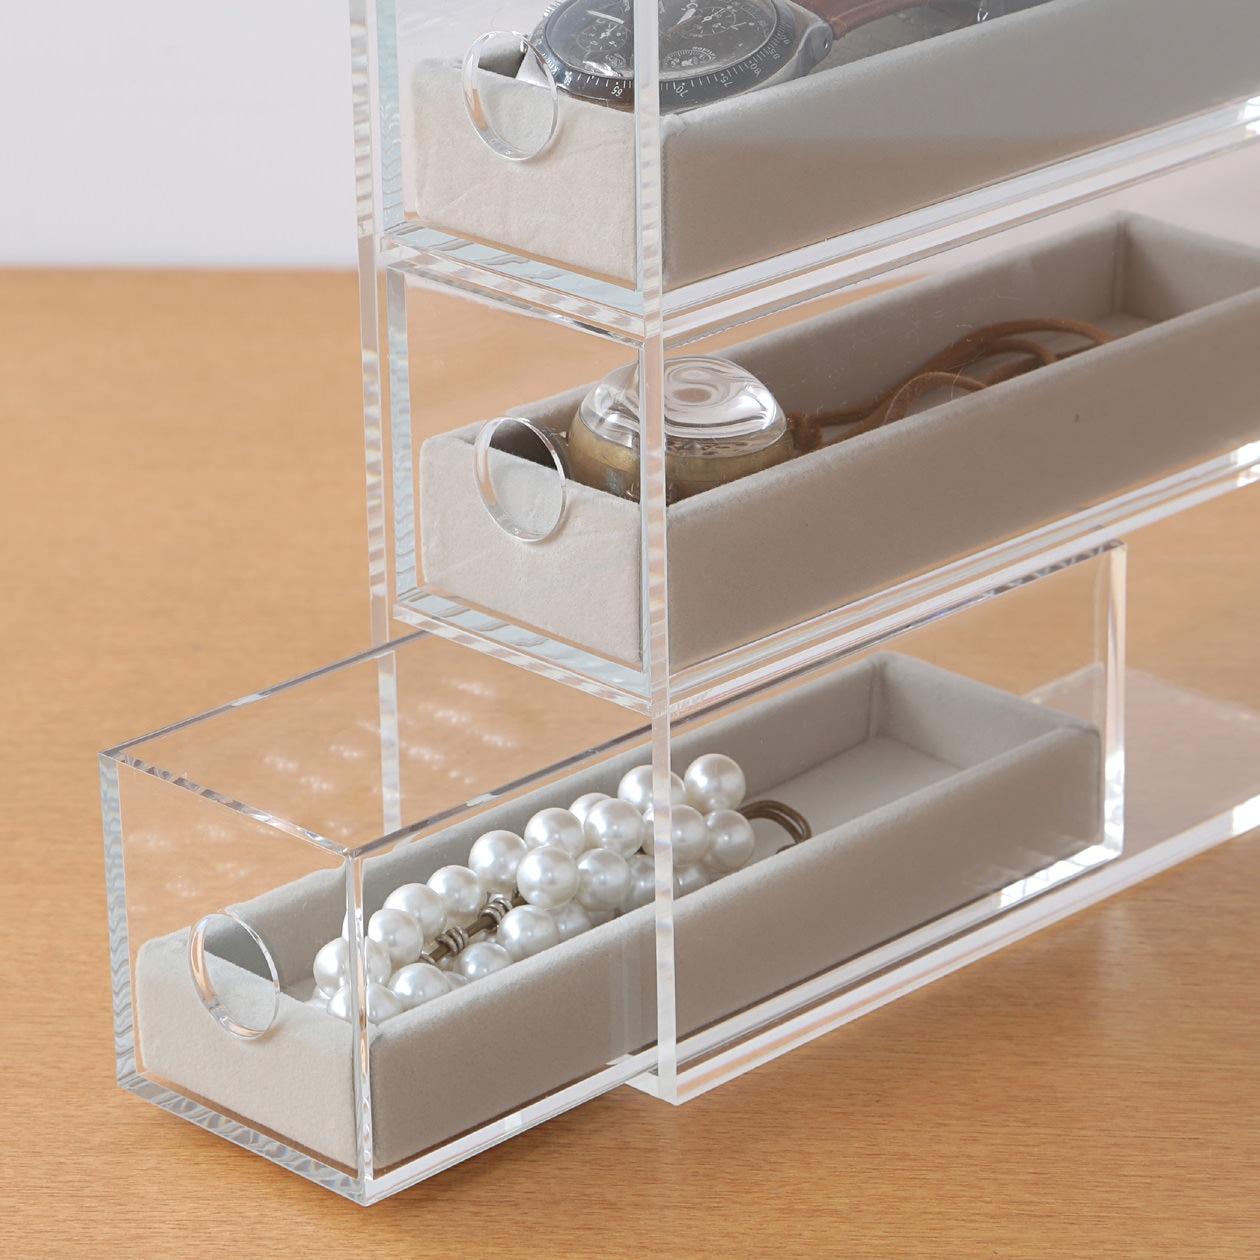 壓克力眼鏡小物收納架灰絨內盒 灰約5x16 5x2cm 無印良品